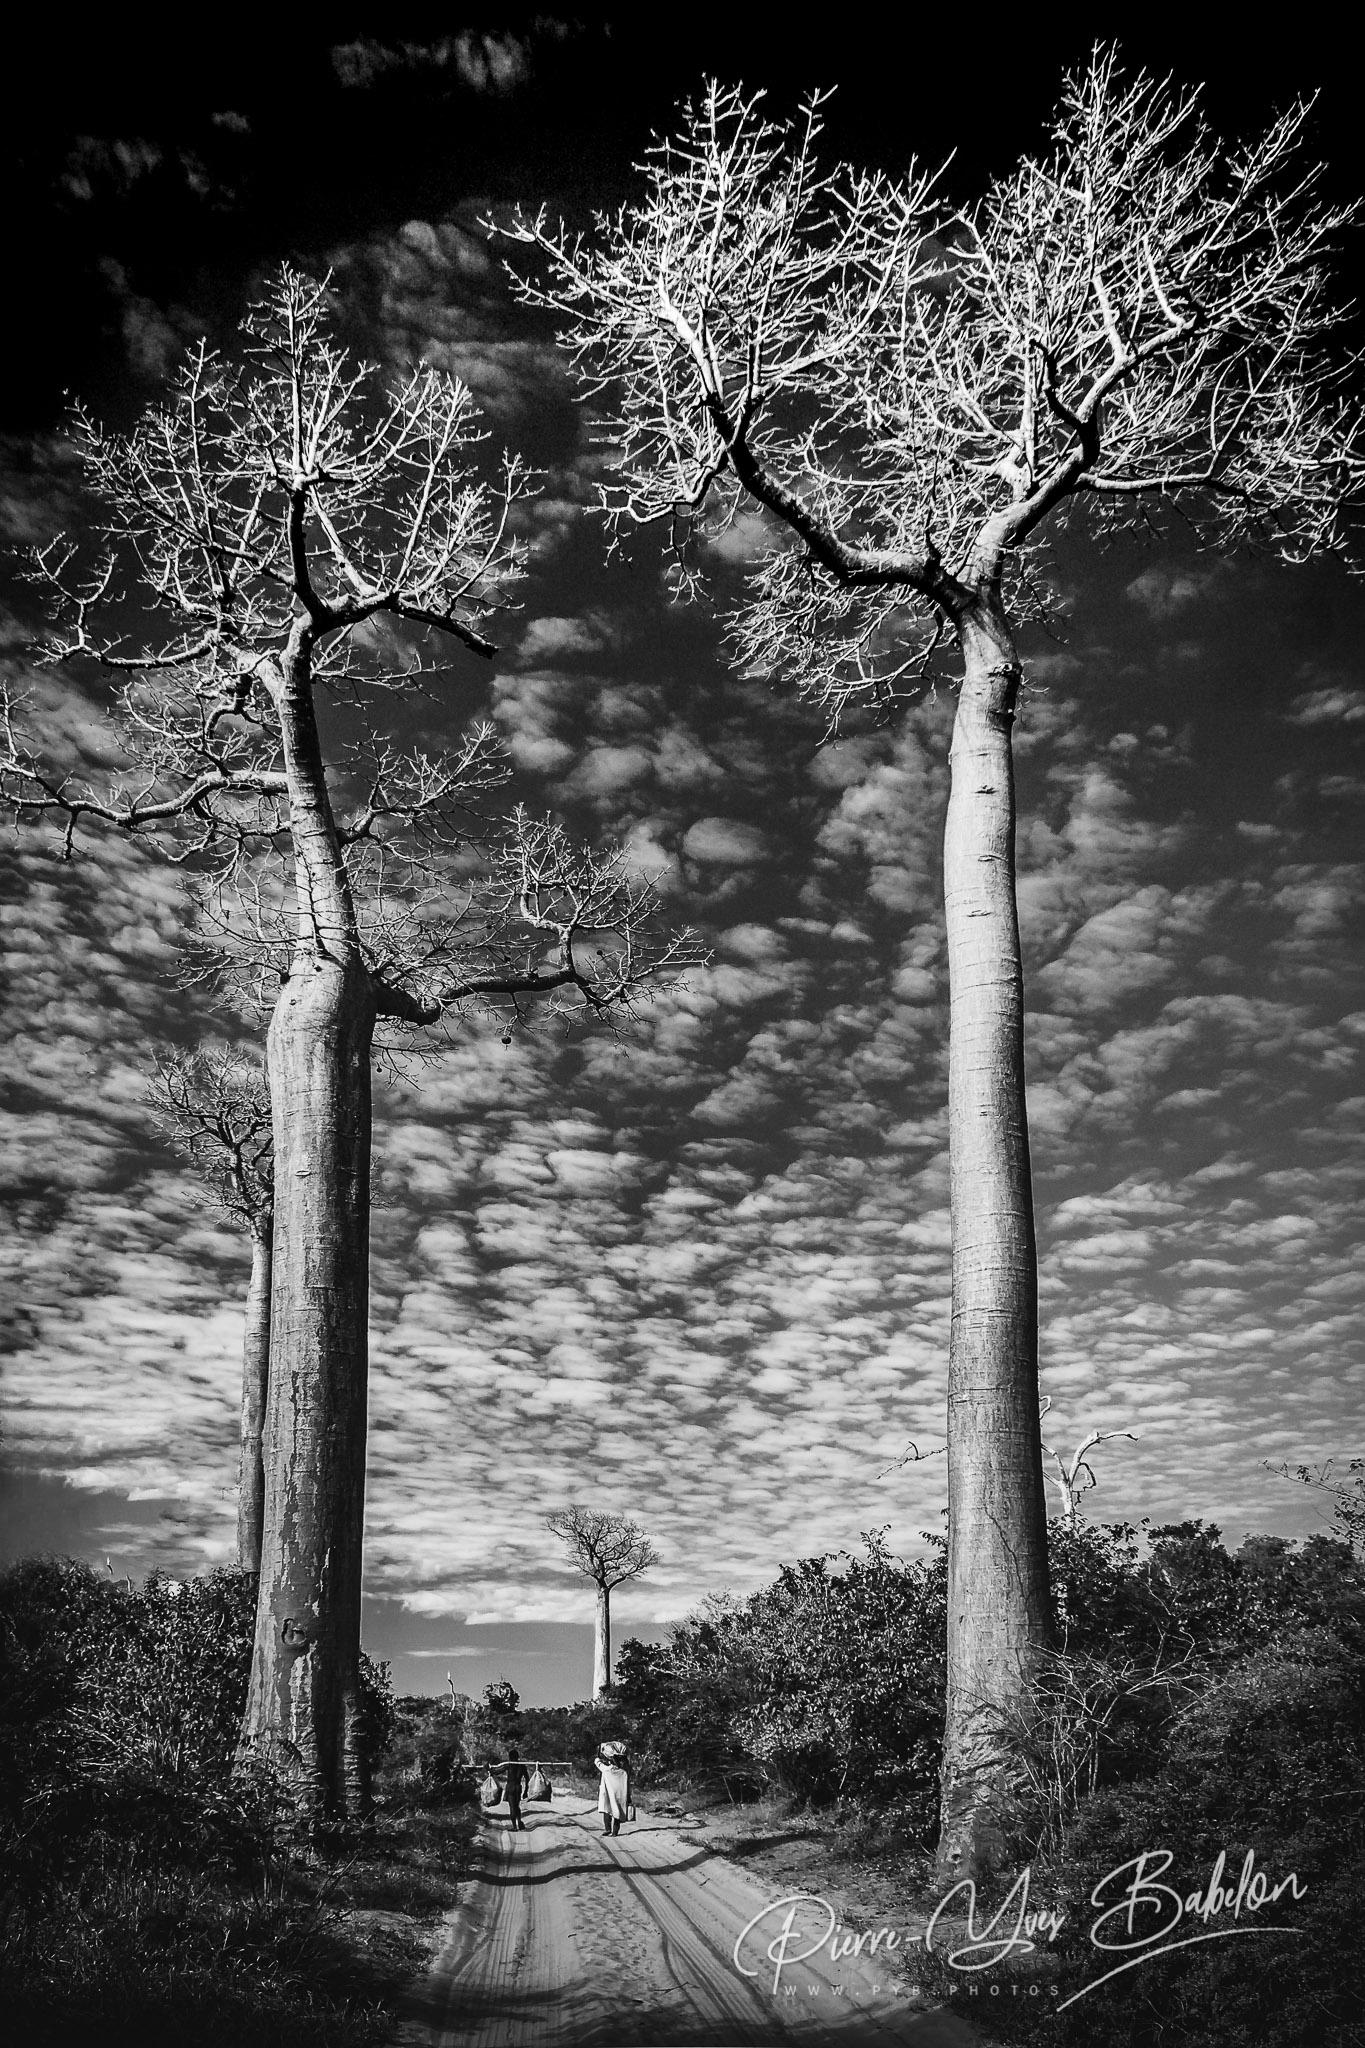 Gigantesques baobabs